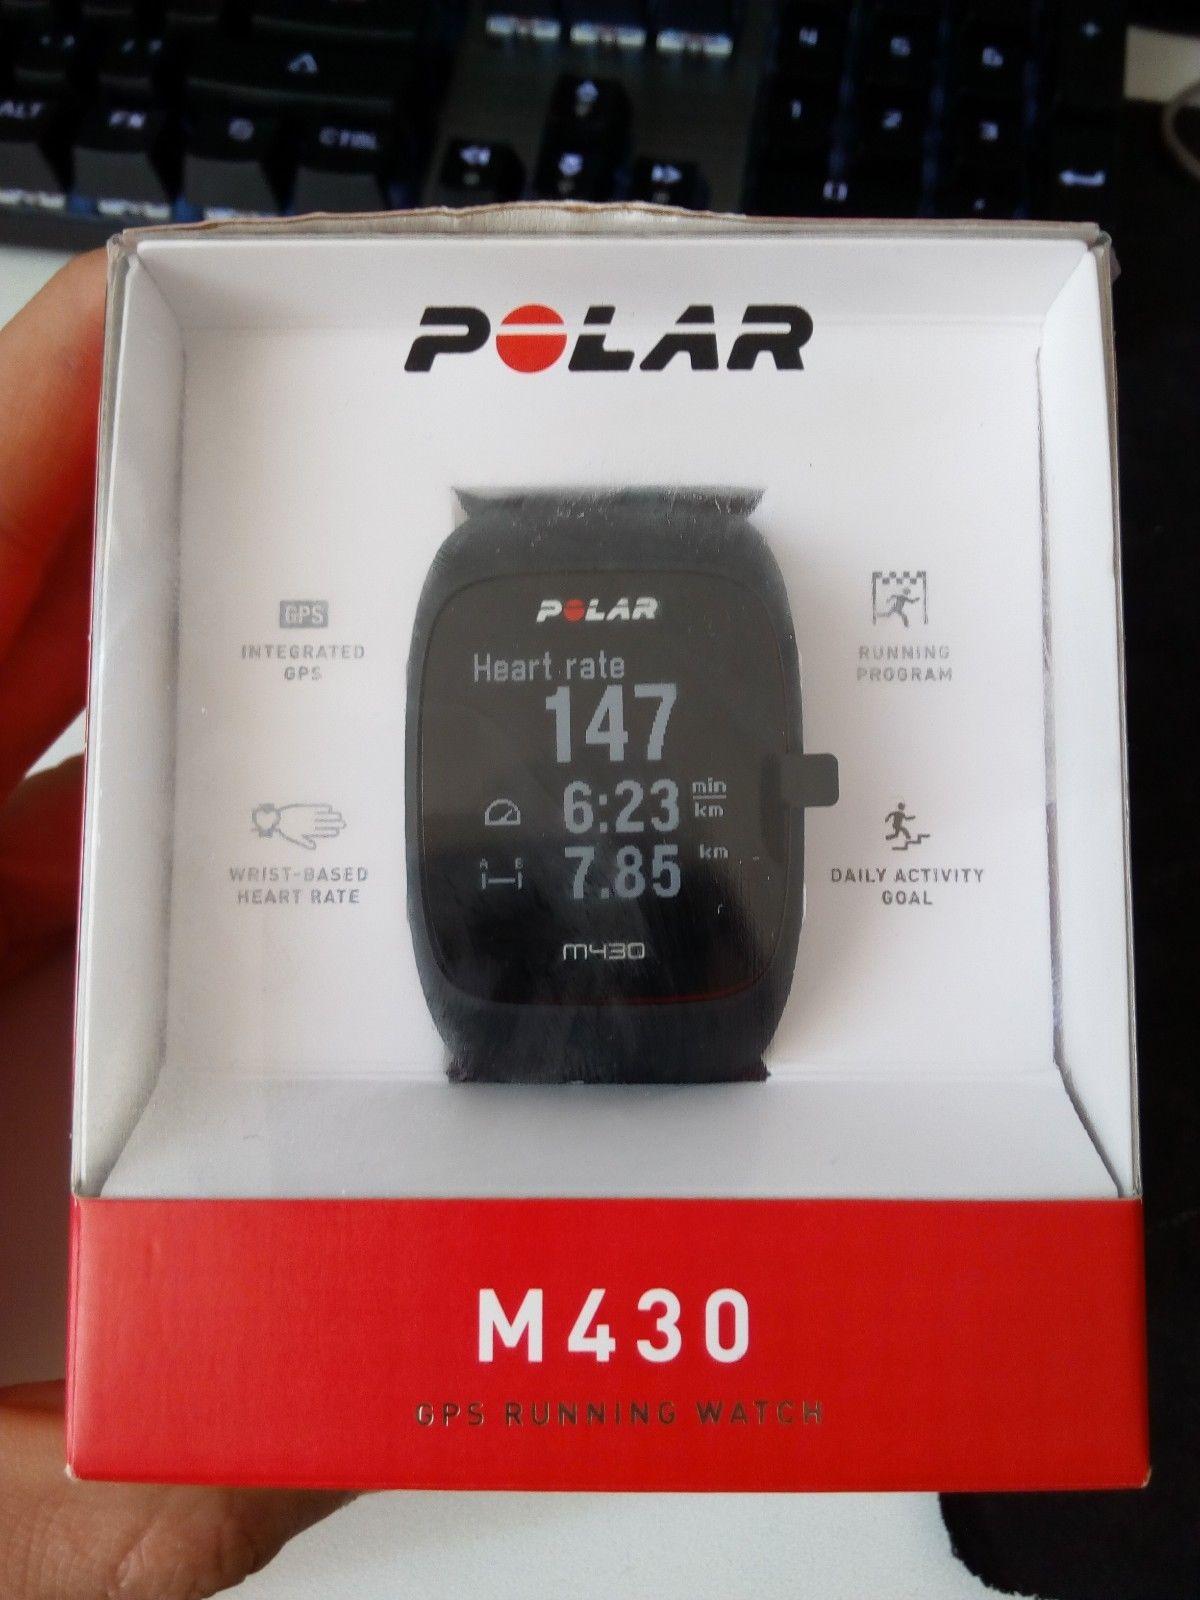 2. Polar M430, schwarz, GPS Sportuhr mit Pulsmessung am Handgelenk